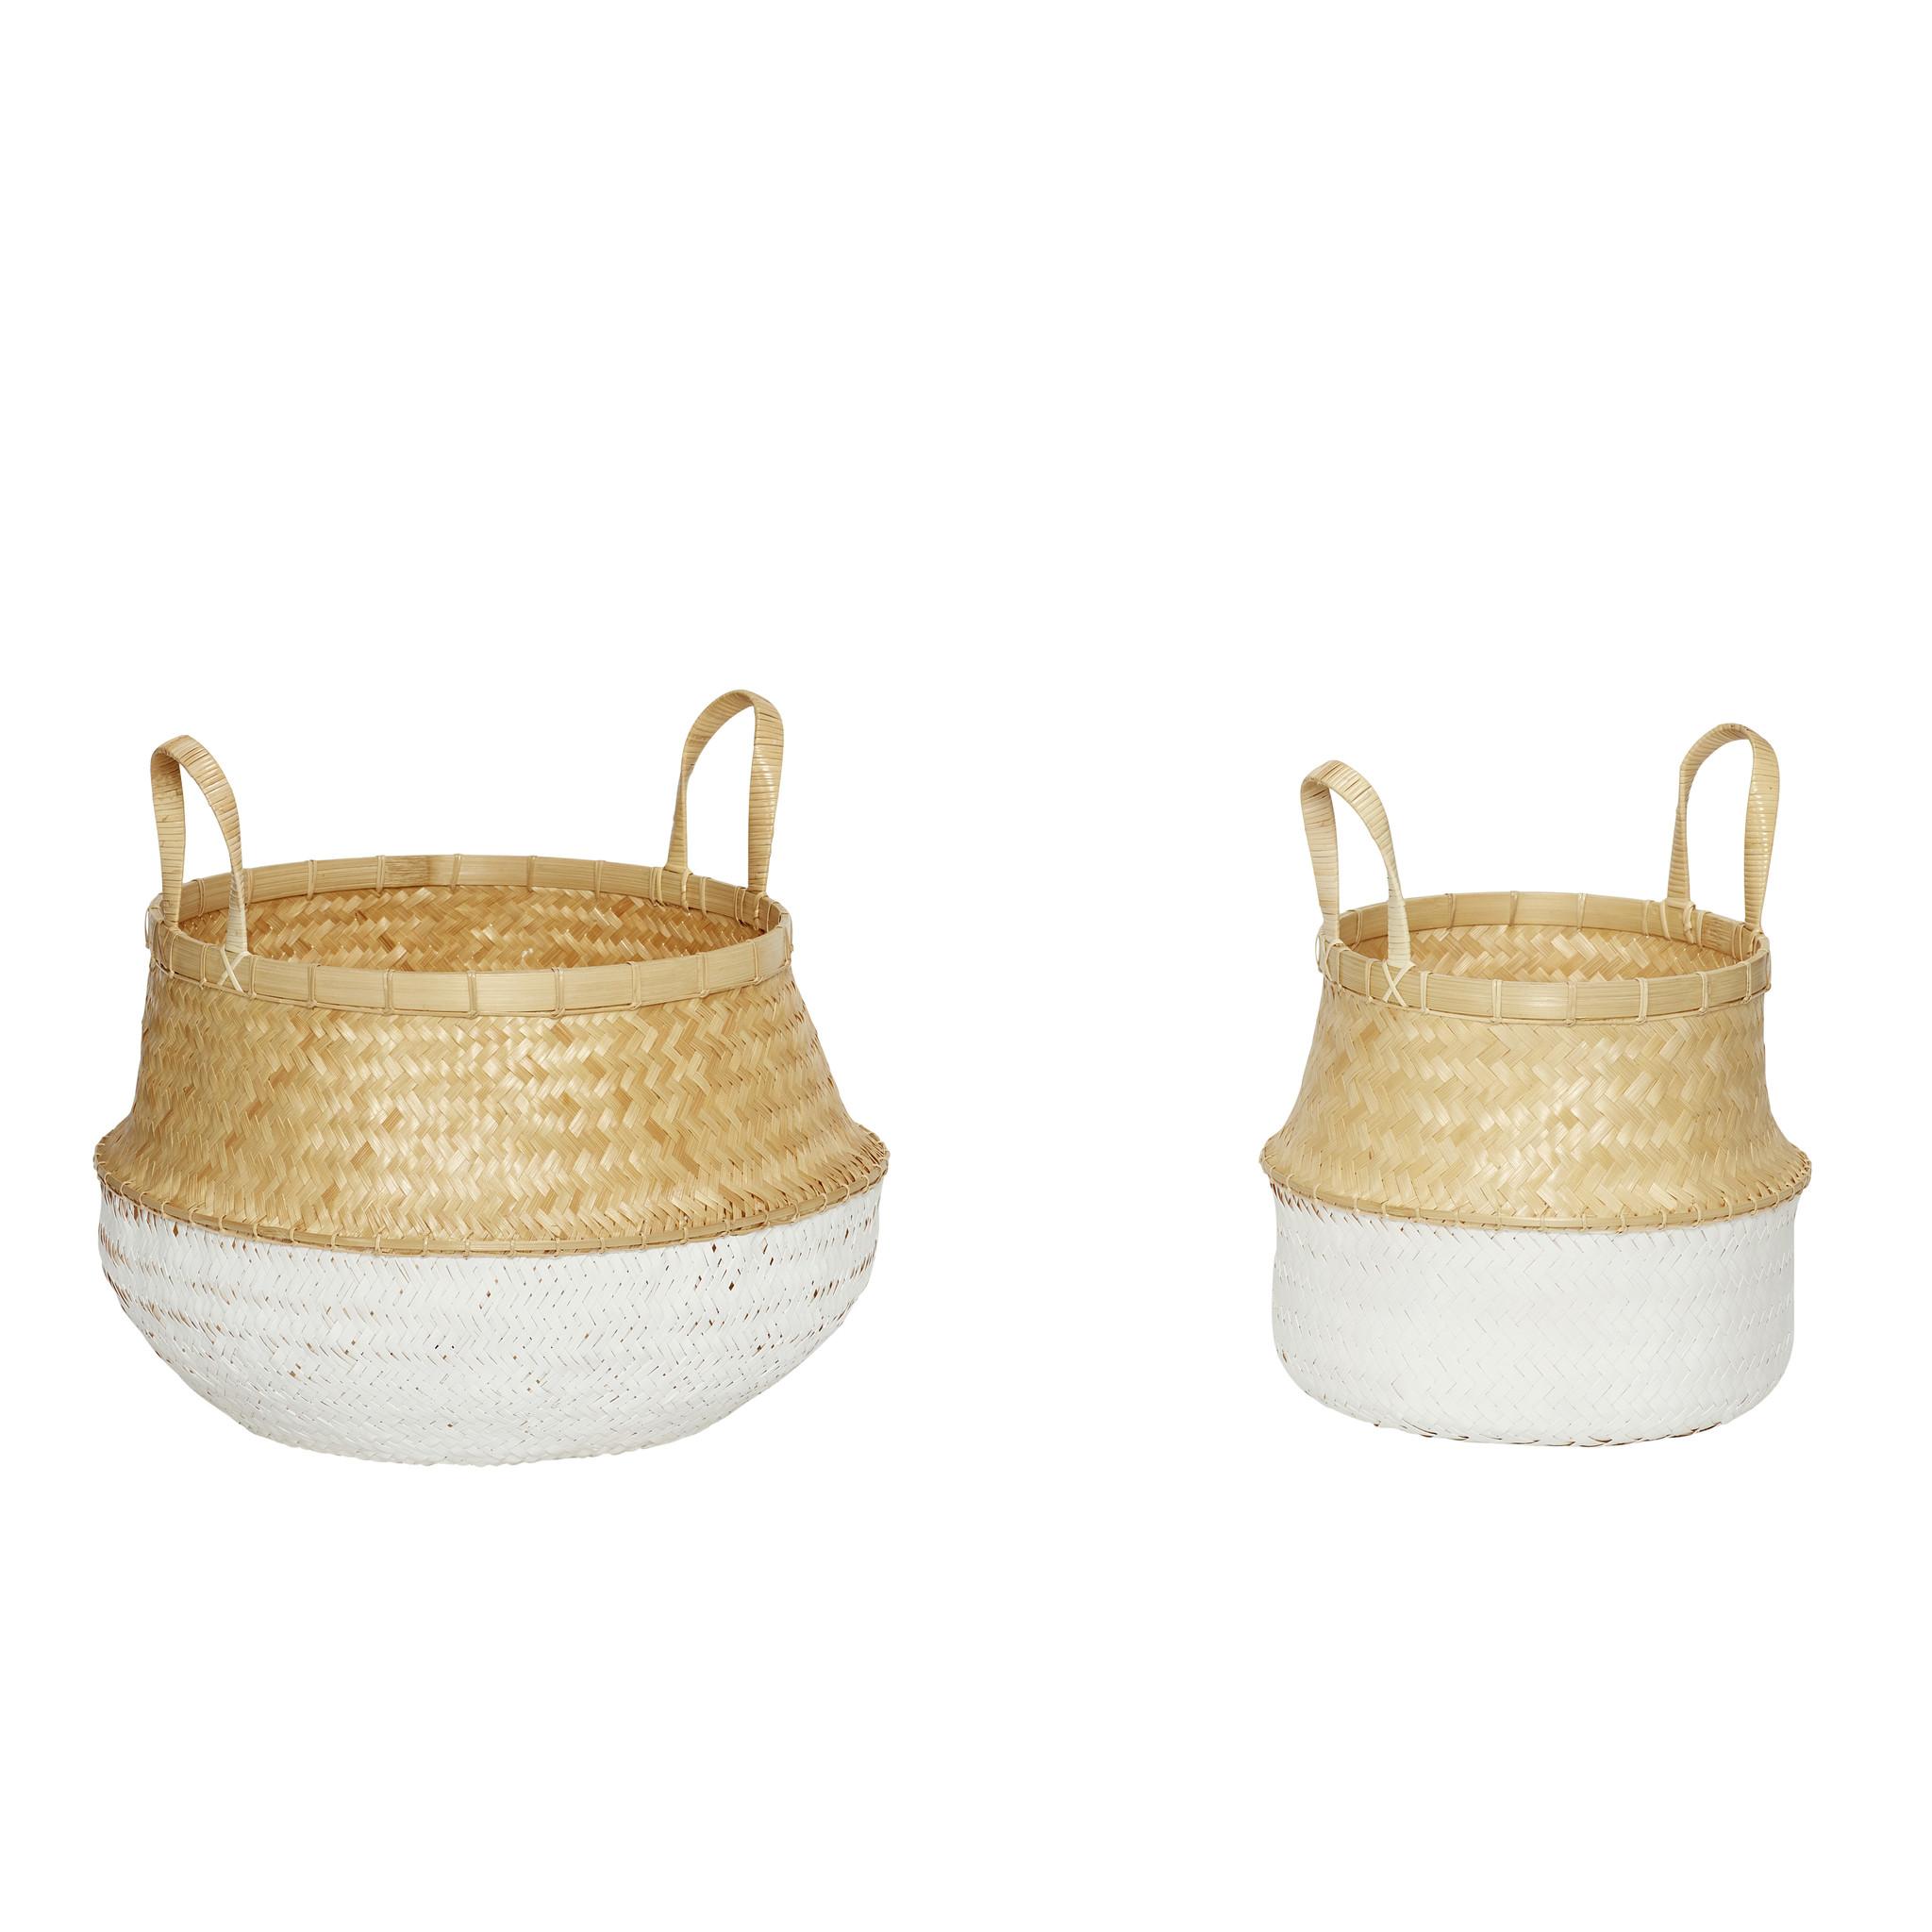 Hubsch Mand met witte bodem, bamboe, wit / natuur, set van 2-170502-5712772058183